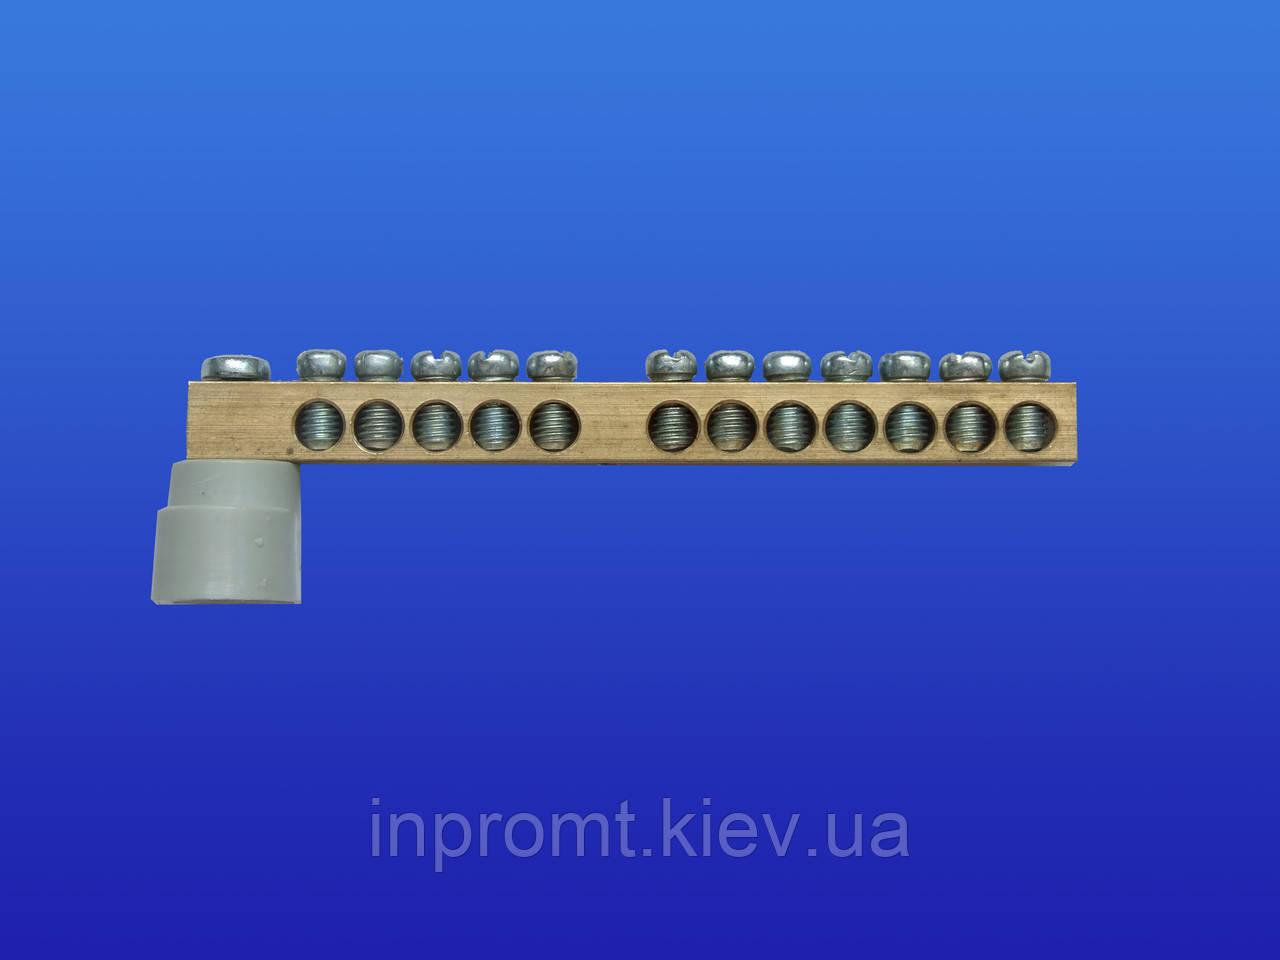 Клемная колодка латунная 0-90 с уголковым изолятором